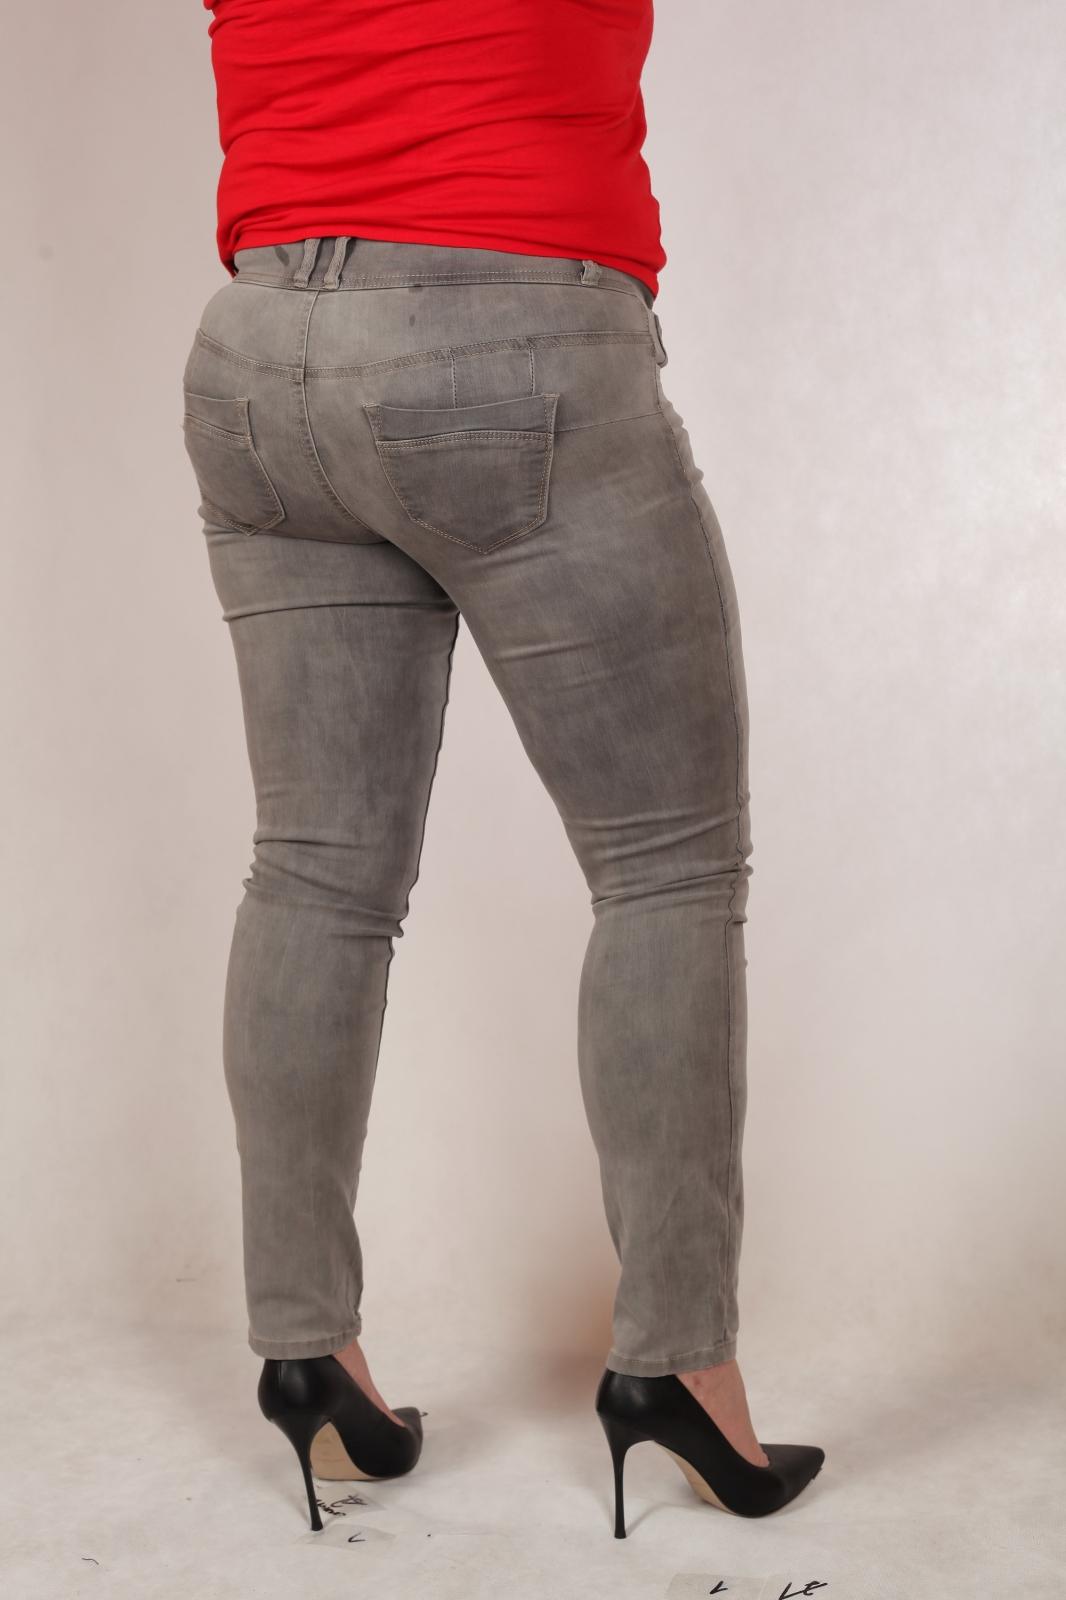 Женские джинсы B.C. BEST CONNECTIONS из новой немецкой коллекции